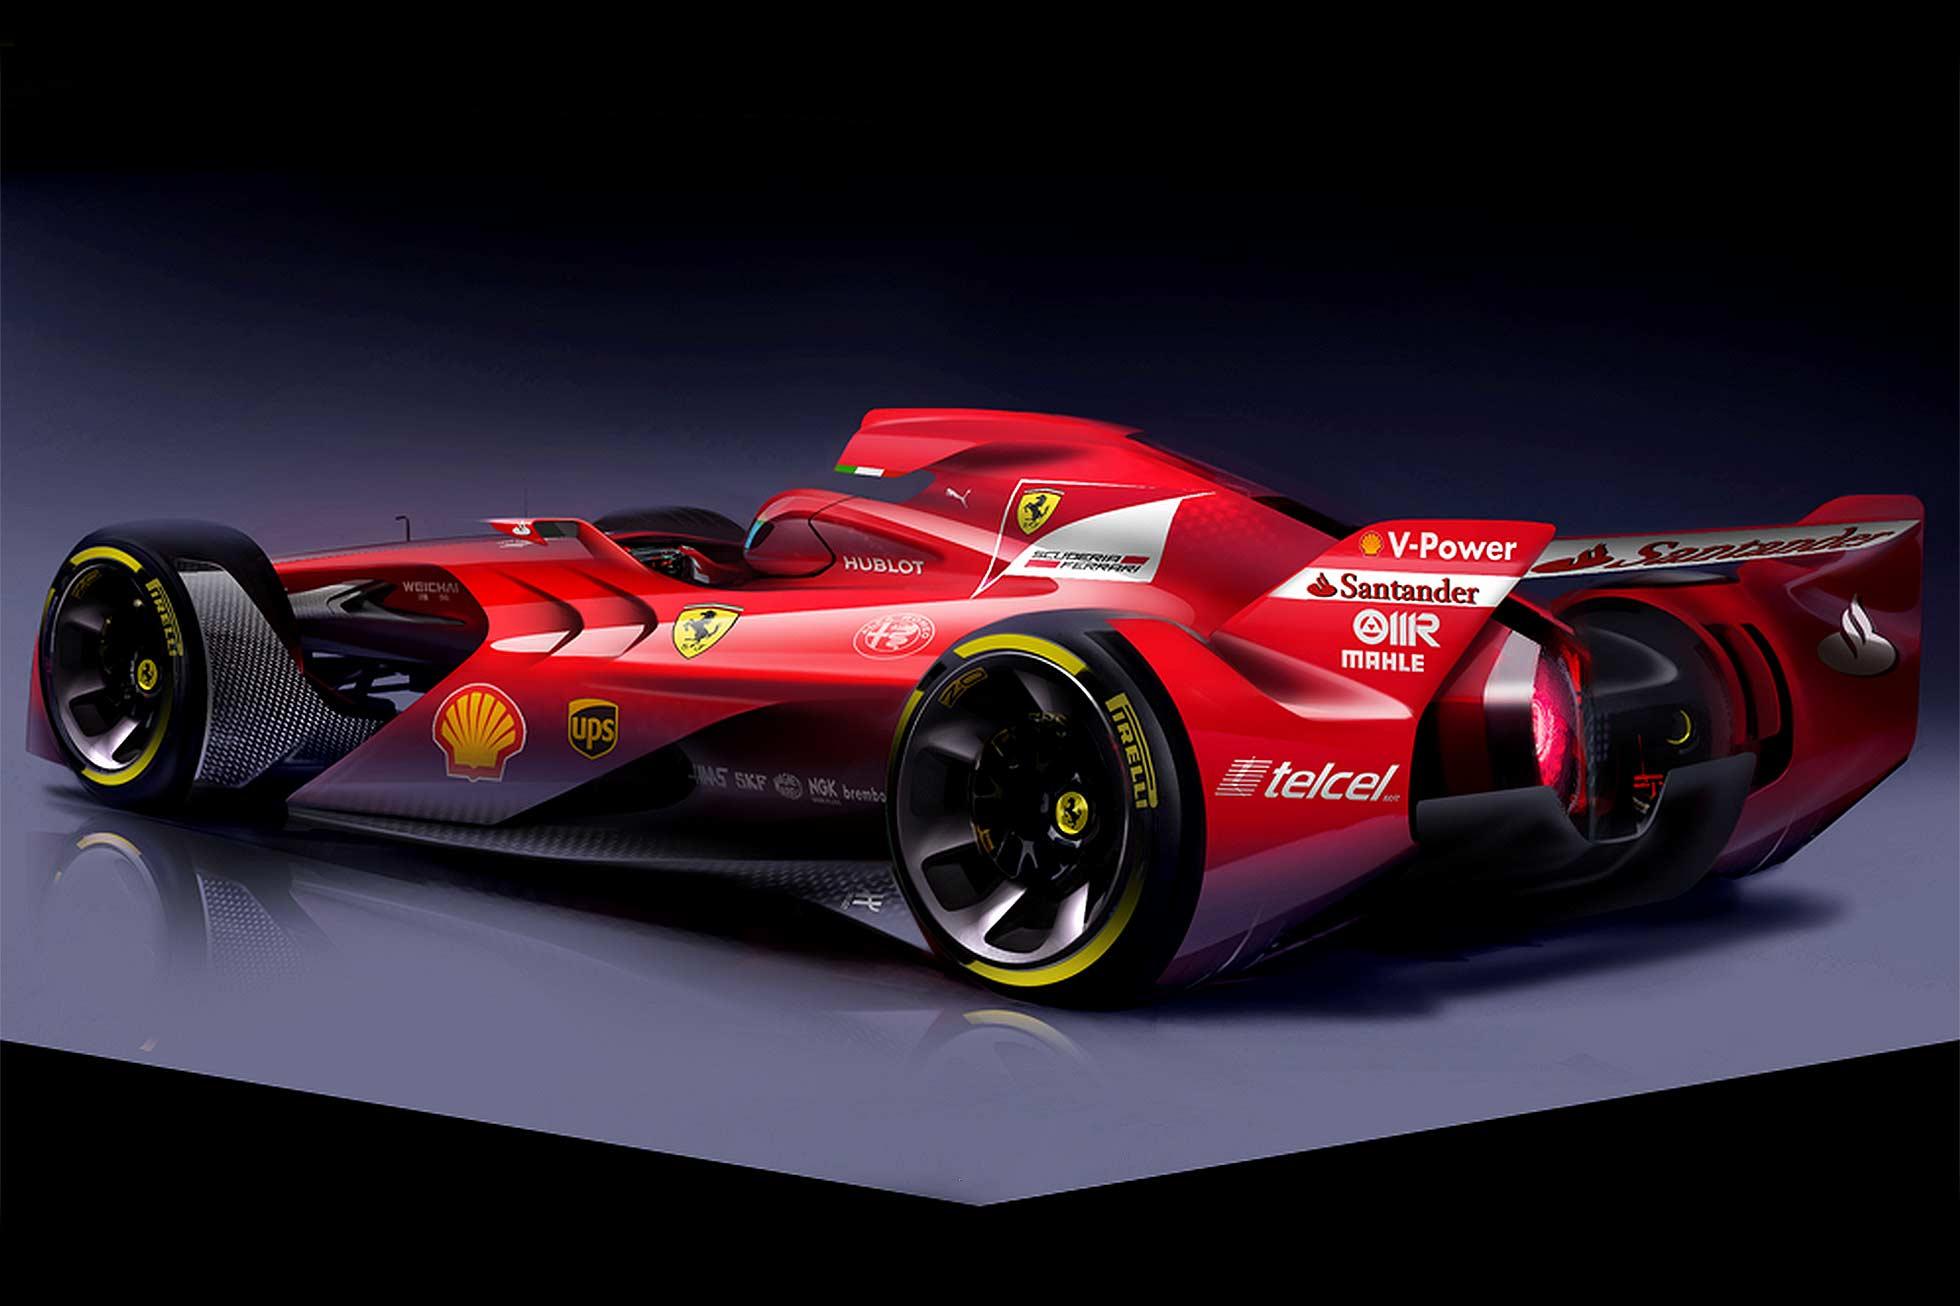 Ferrarijev koncept je dirkalnik, kot si ga želimo. Z ''glasom'' in stasom.